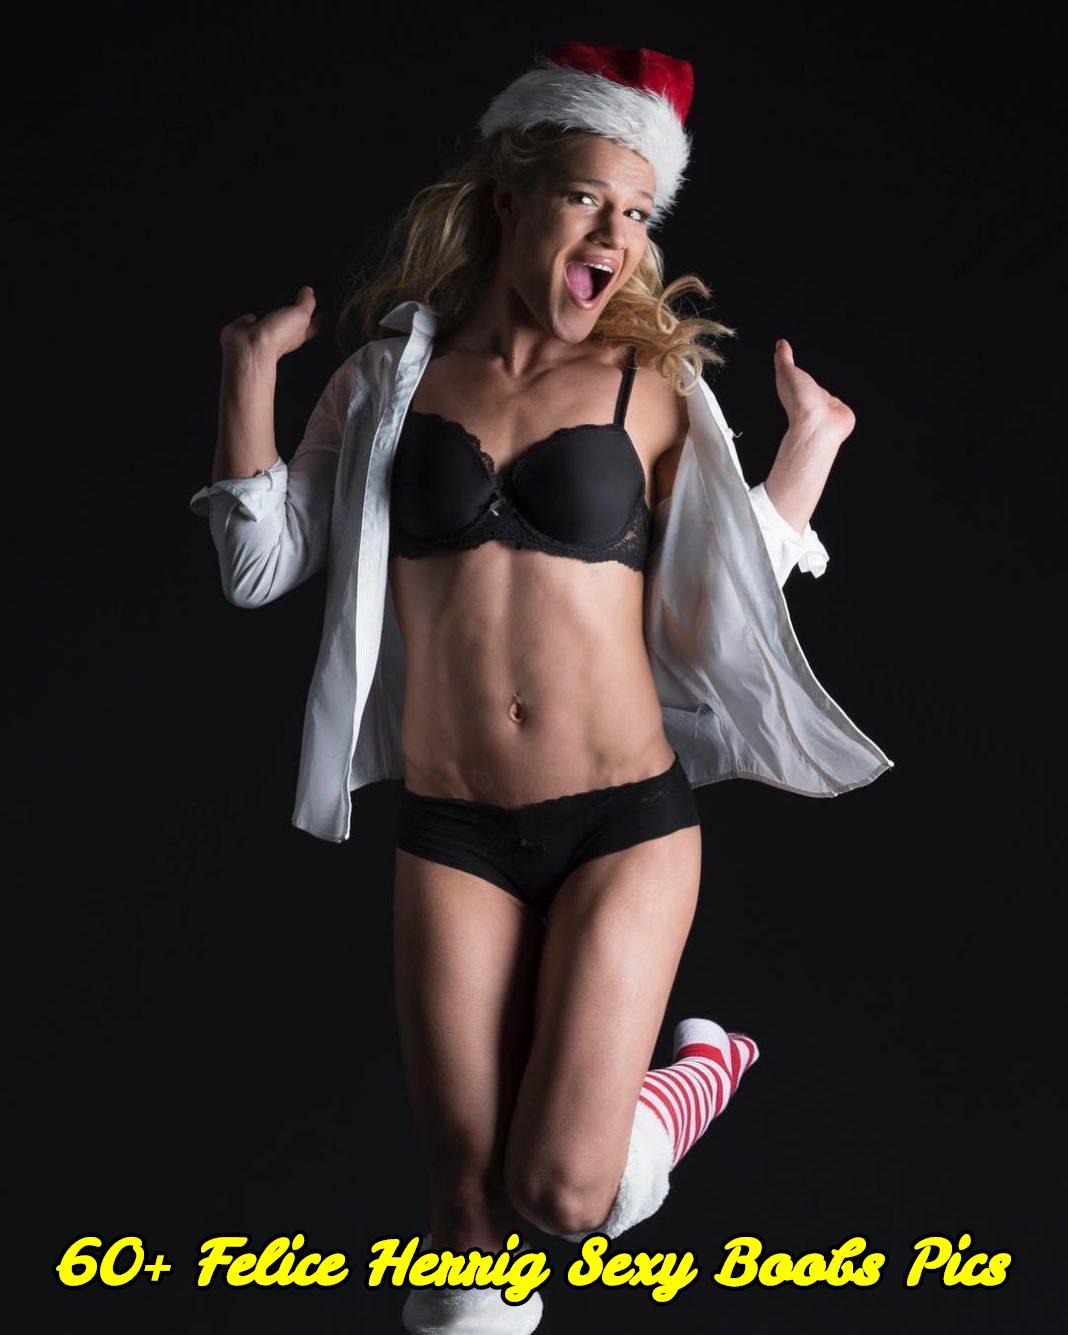 Felice Herrig sexy boobs pics